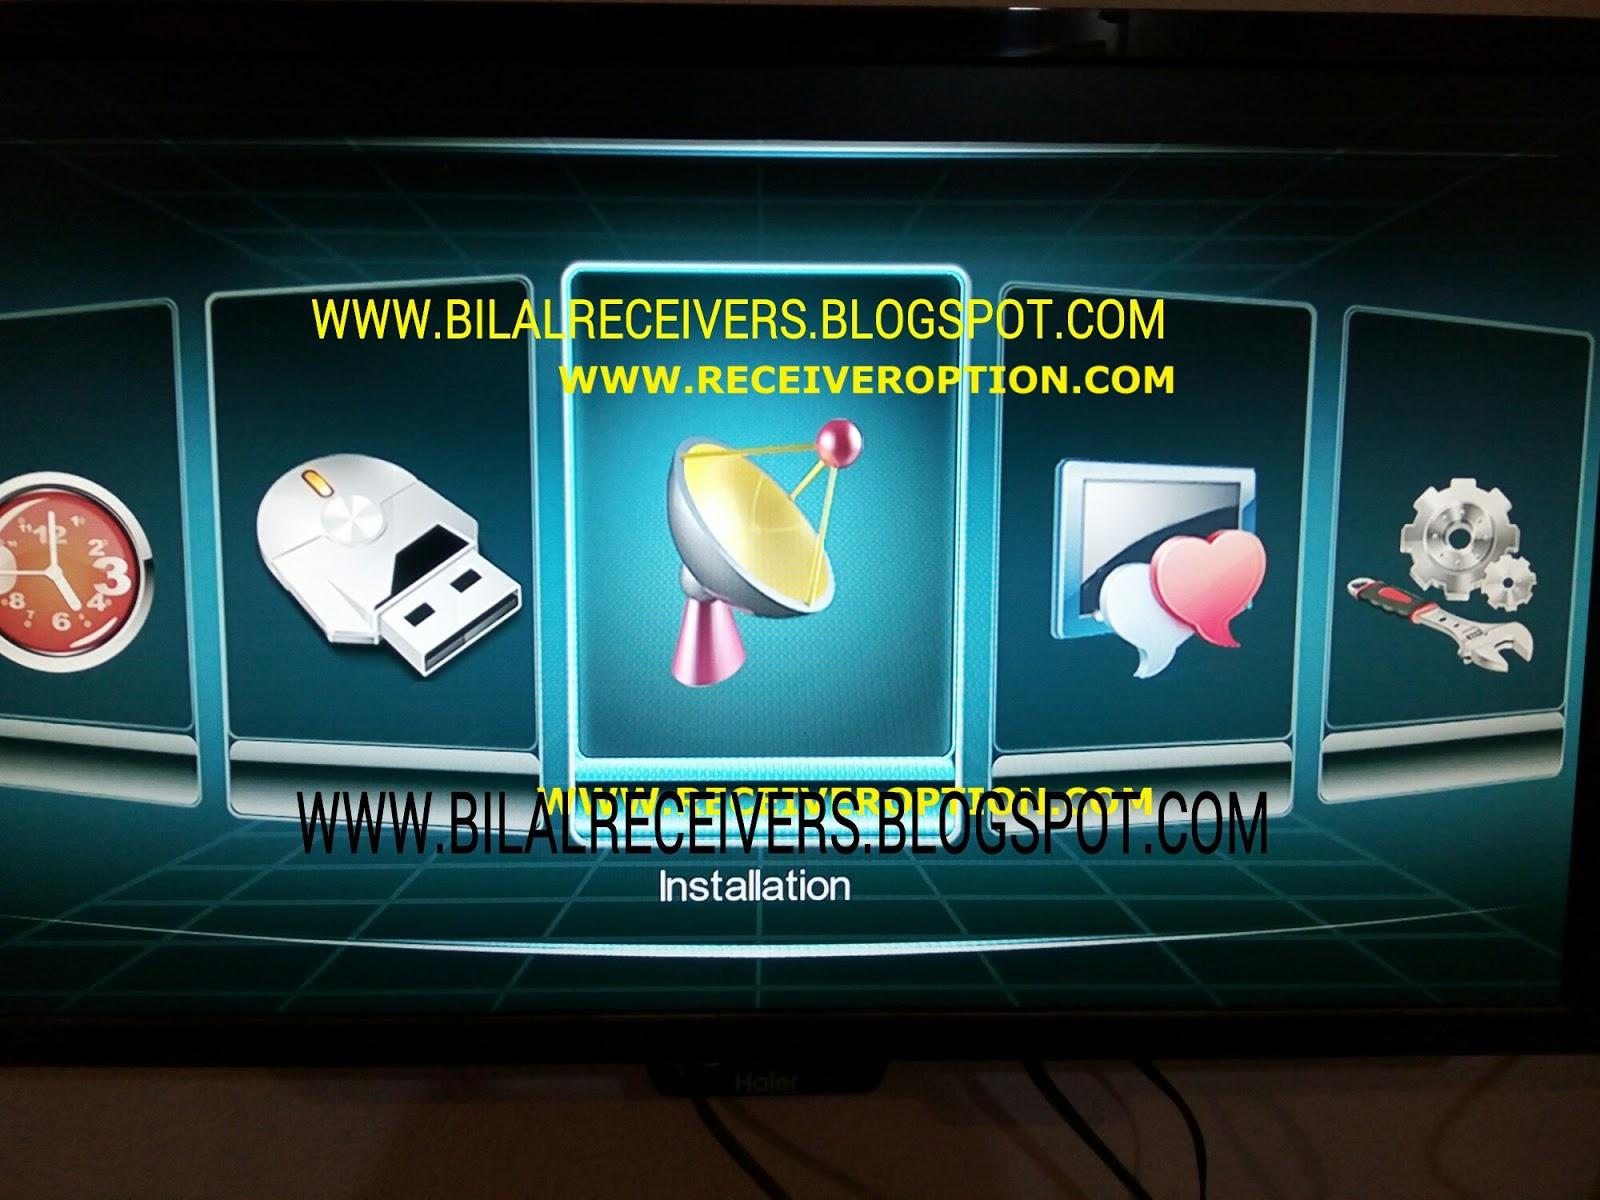 SUPER MAX SM 3000 HD 3G RECEIVER POWERVU KEY SOFTWARE - BILAL DISH